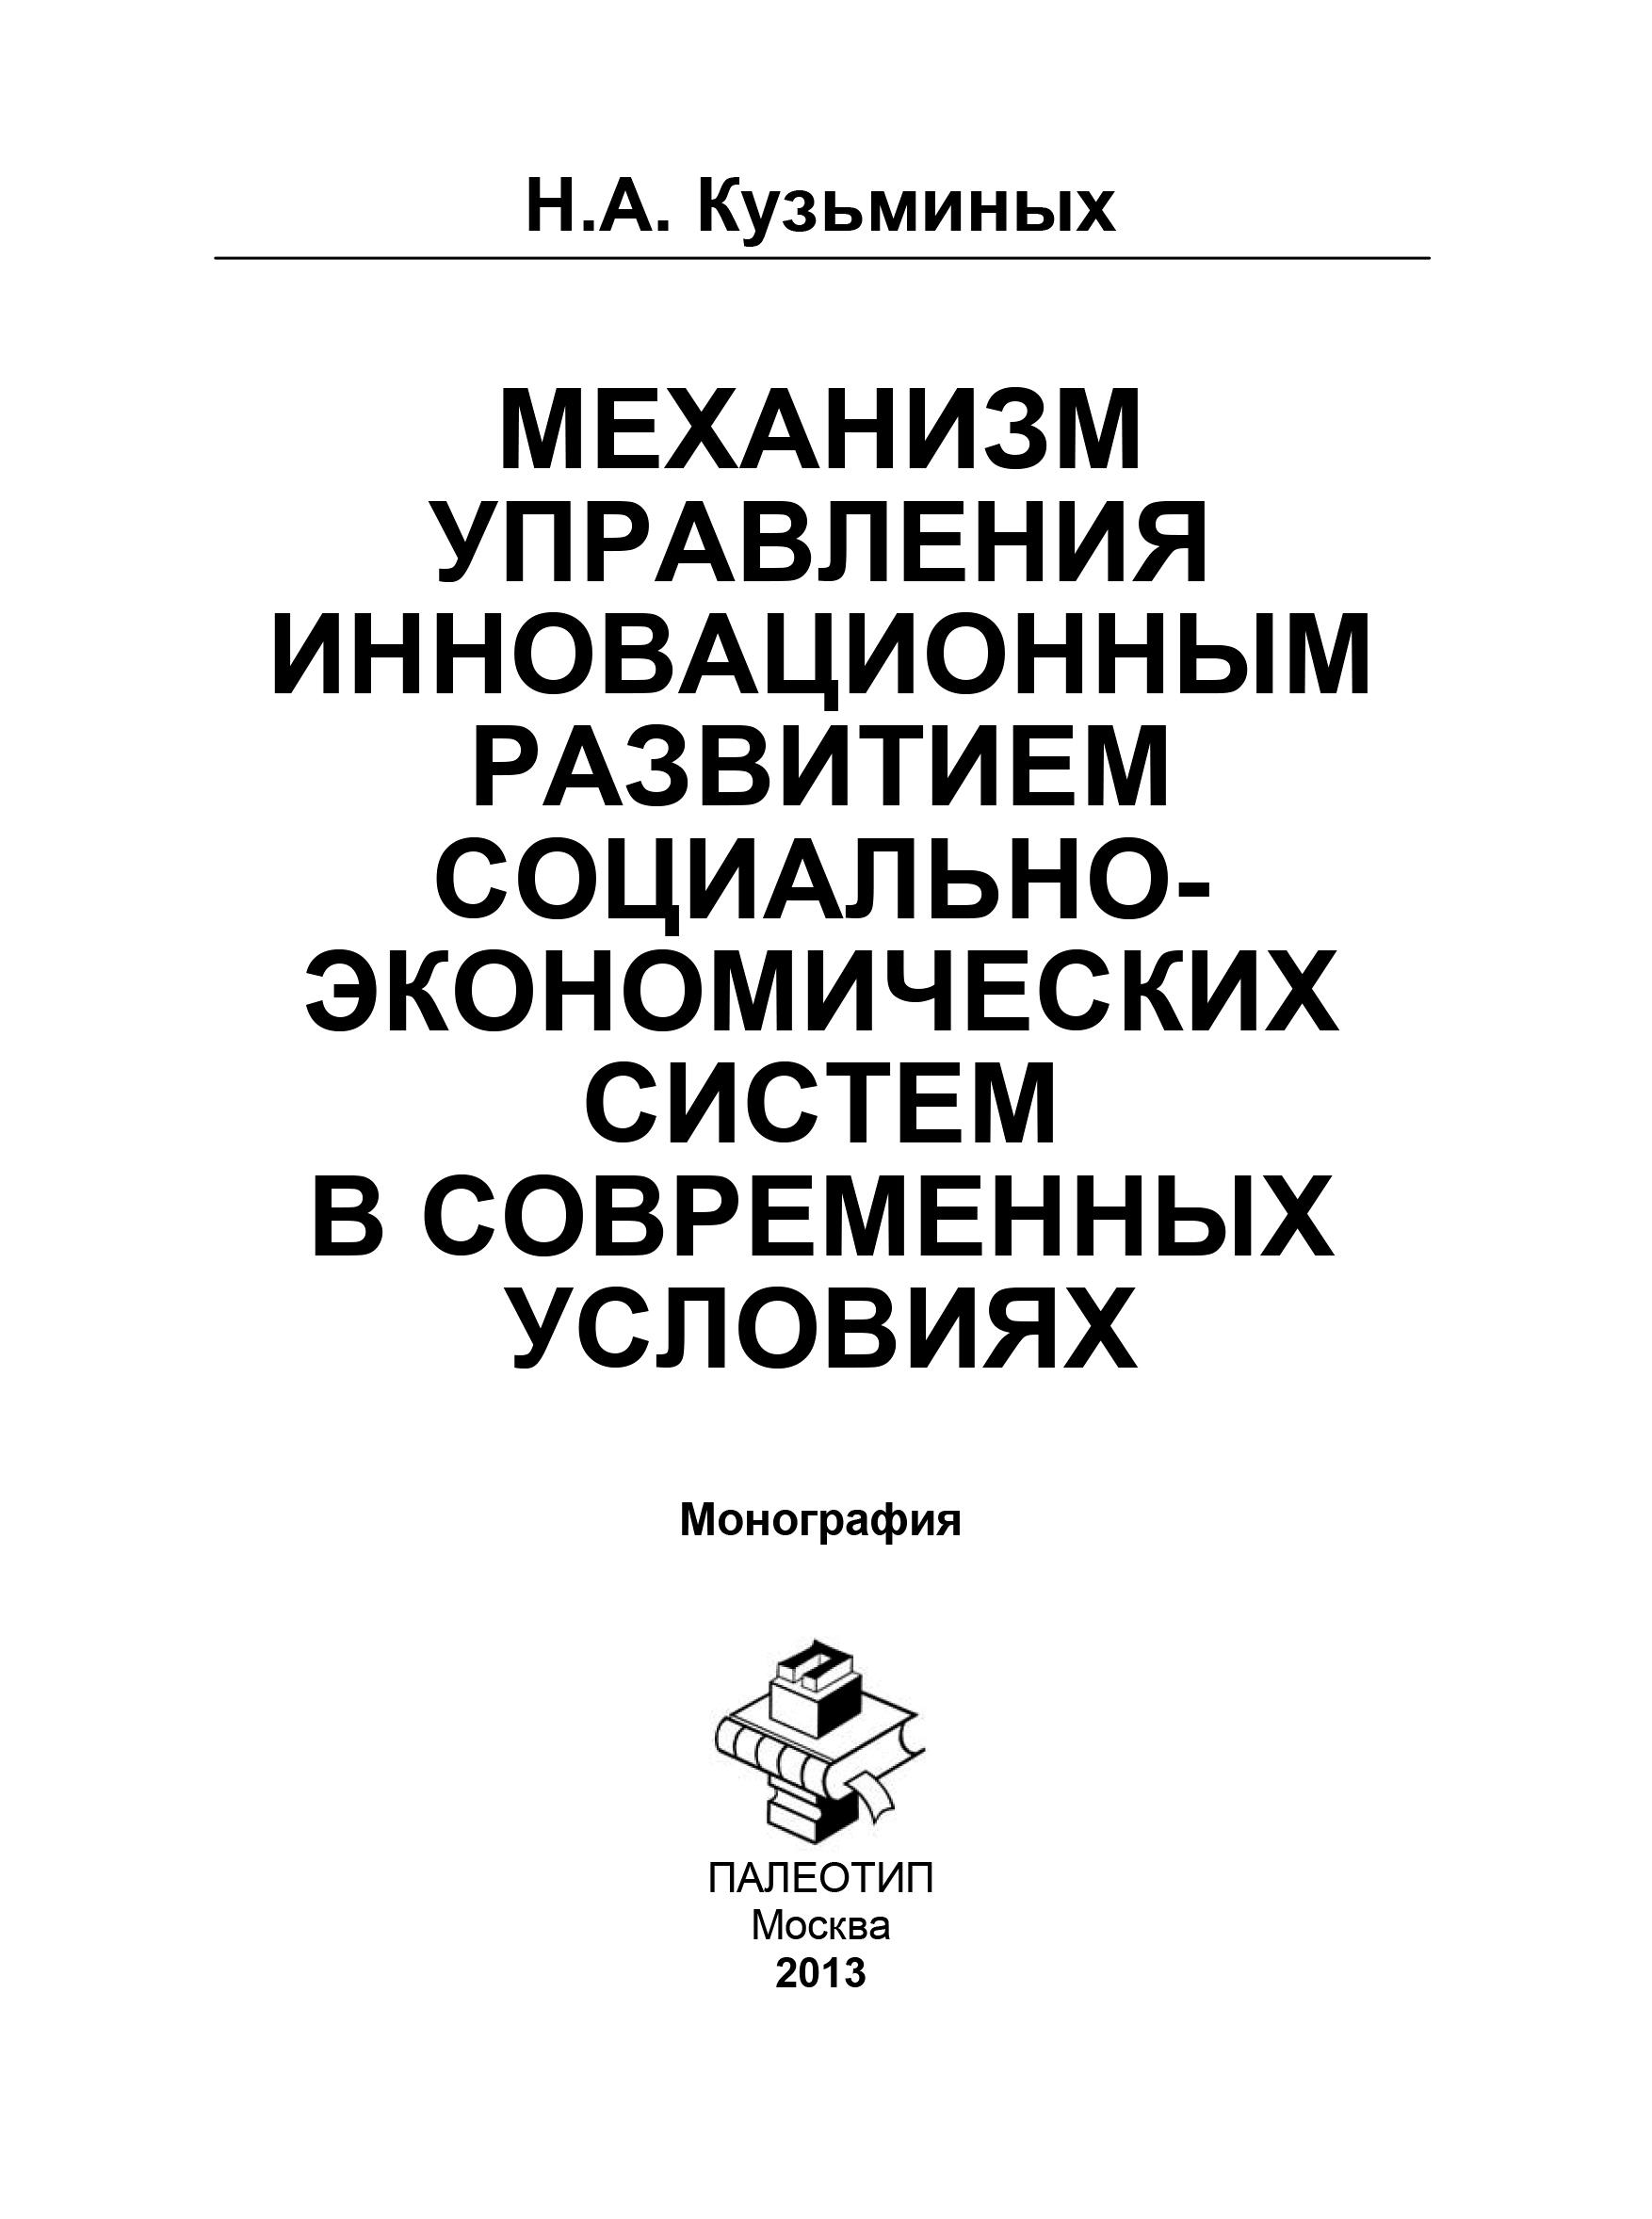 Н. Кузьминых Механизм управления инновационным развитием социально-экономических систем в современных условиях